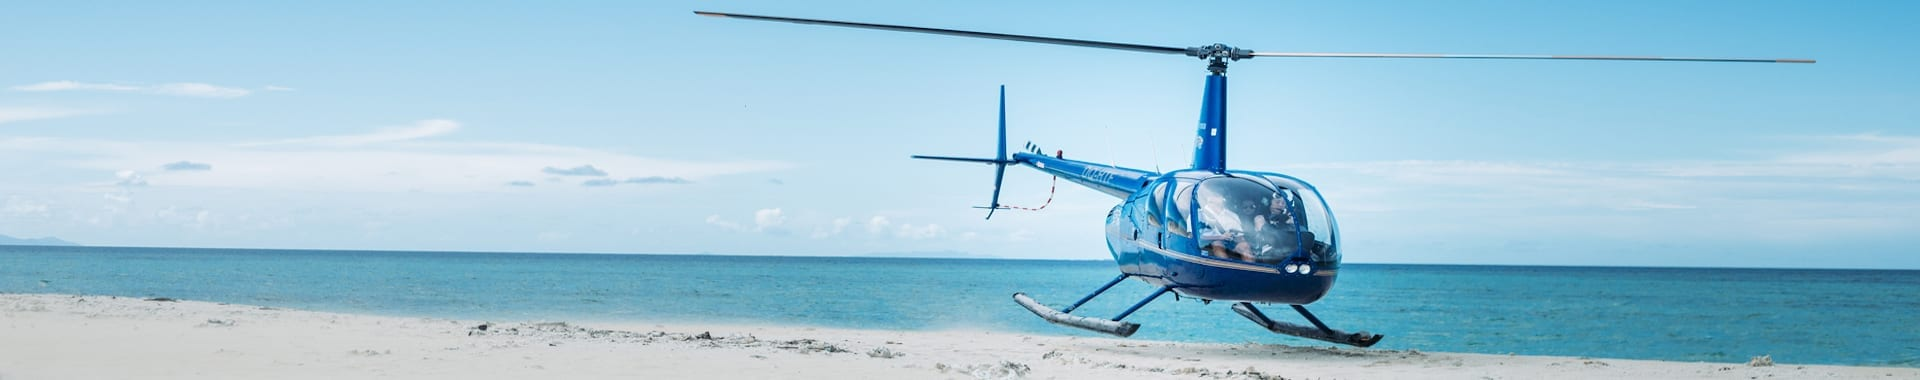 heli landing on a white sandy beach in Fiji